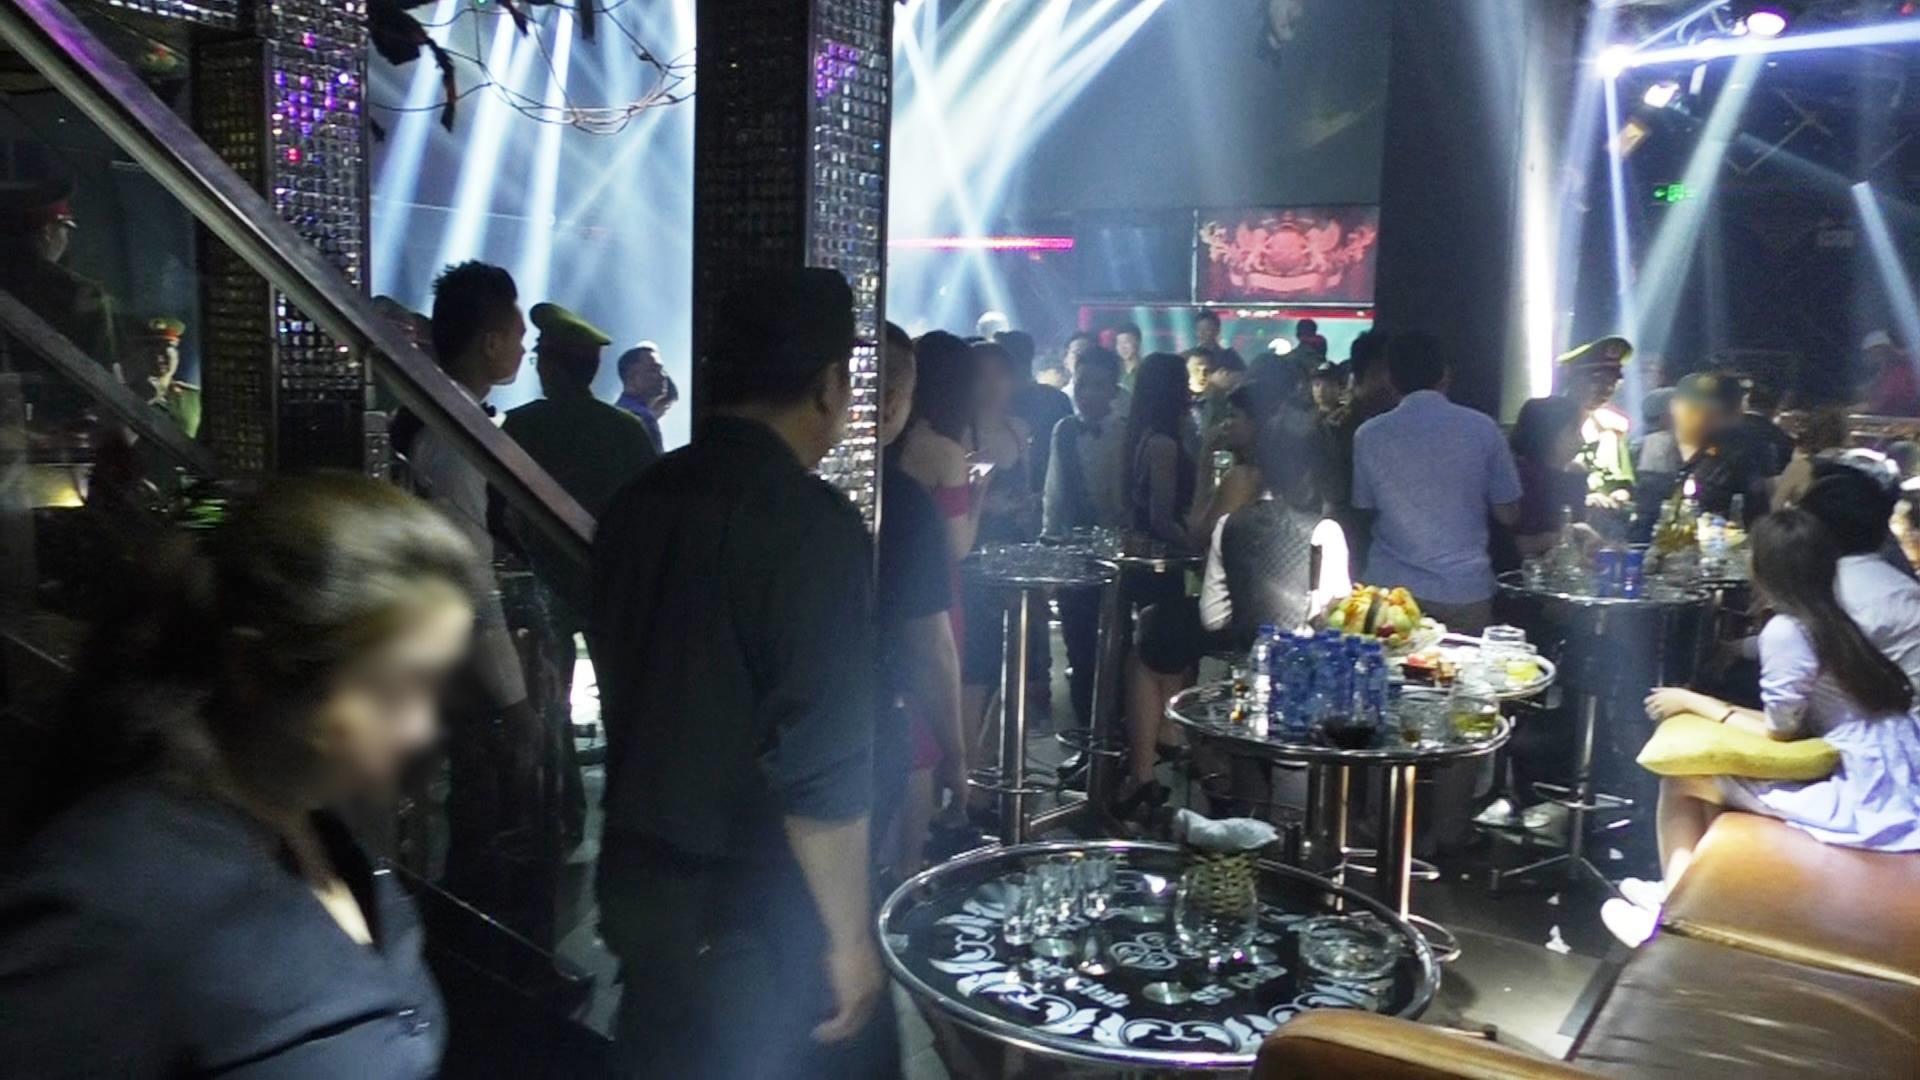 Đột kích 3 quán bar nổi tiếng ở trung tâm Sài Gòn, phát hiện nhiều dân chơi nghi sử dụng ma tuý - Ảnh 2.